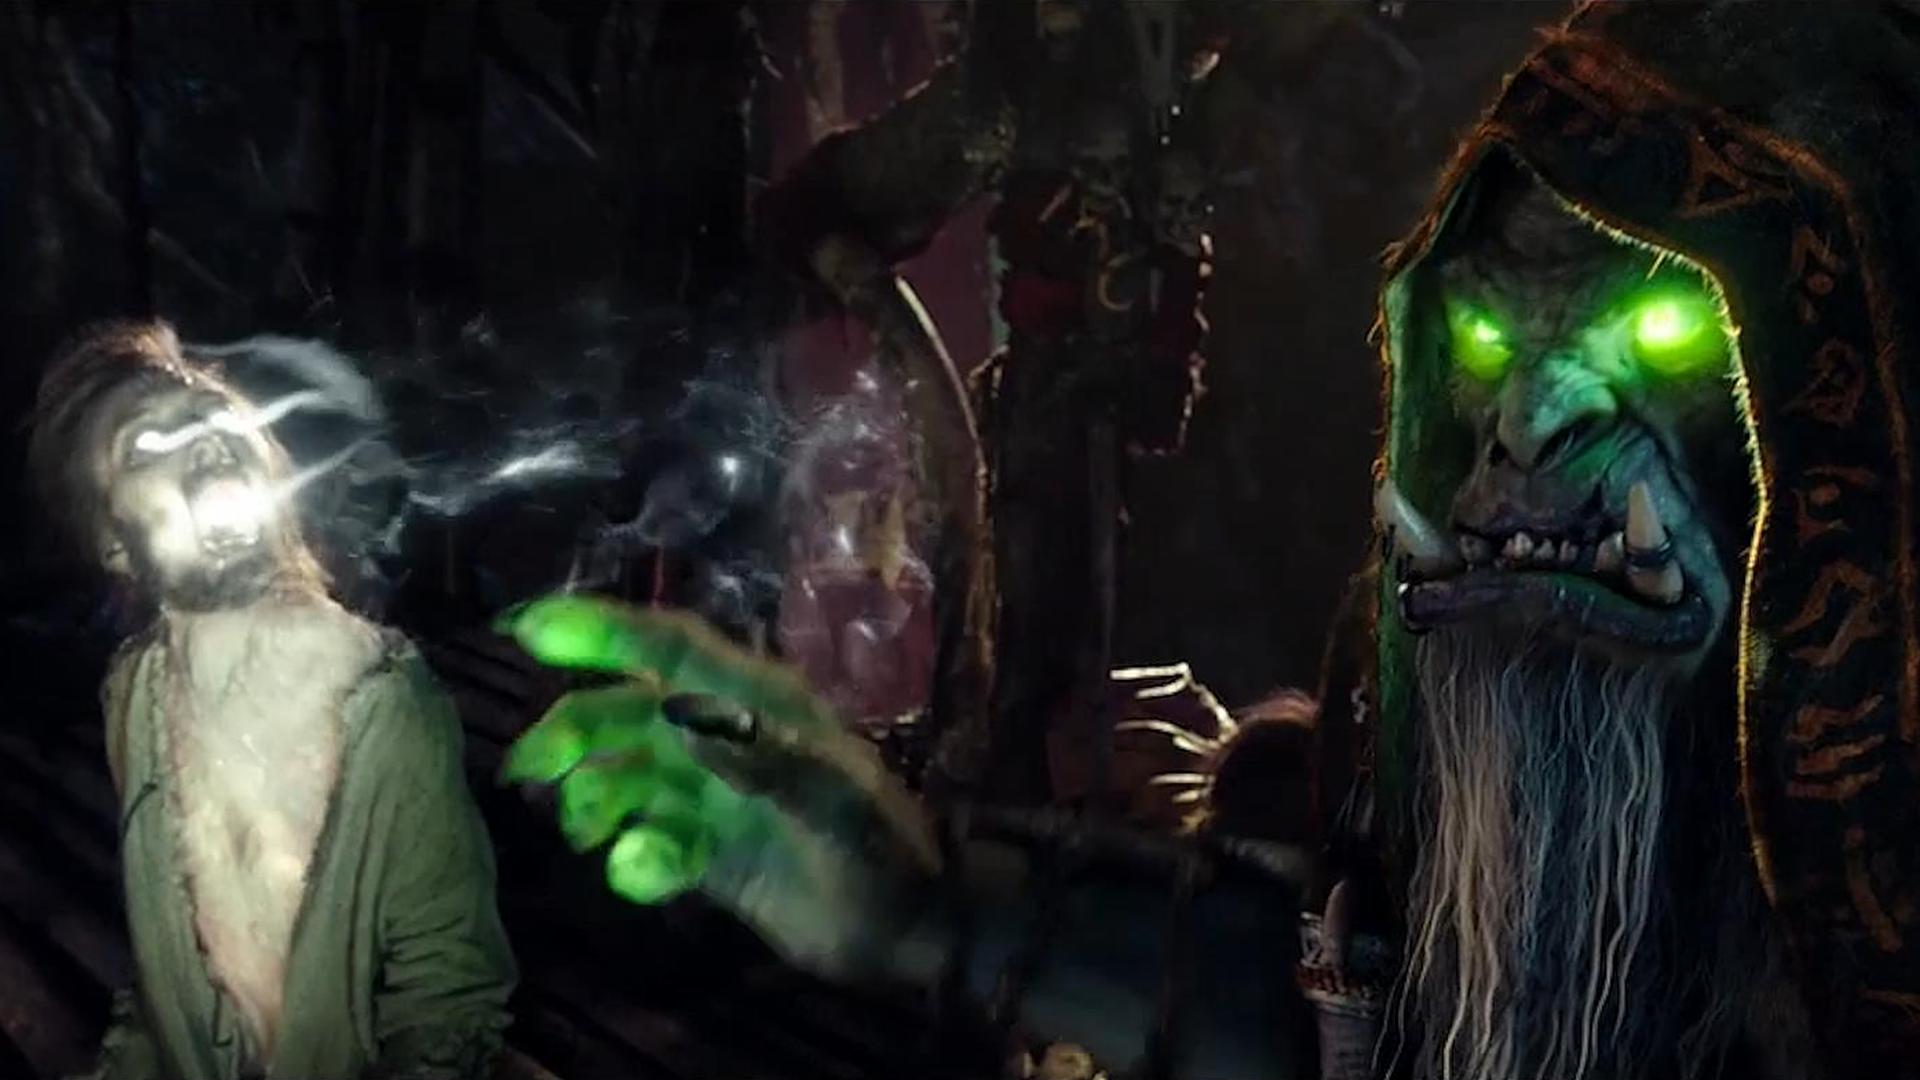 《【煜星娱乐注册官网】解说《魔兽》:兽人入侵,吴彦祖破相扮古尔丹,最喜欢玩吸星大法》